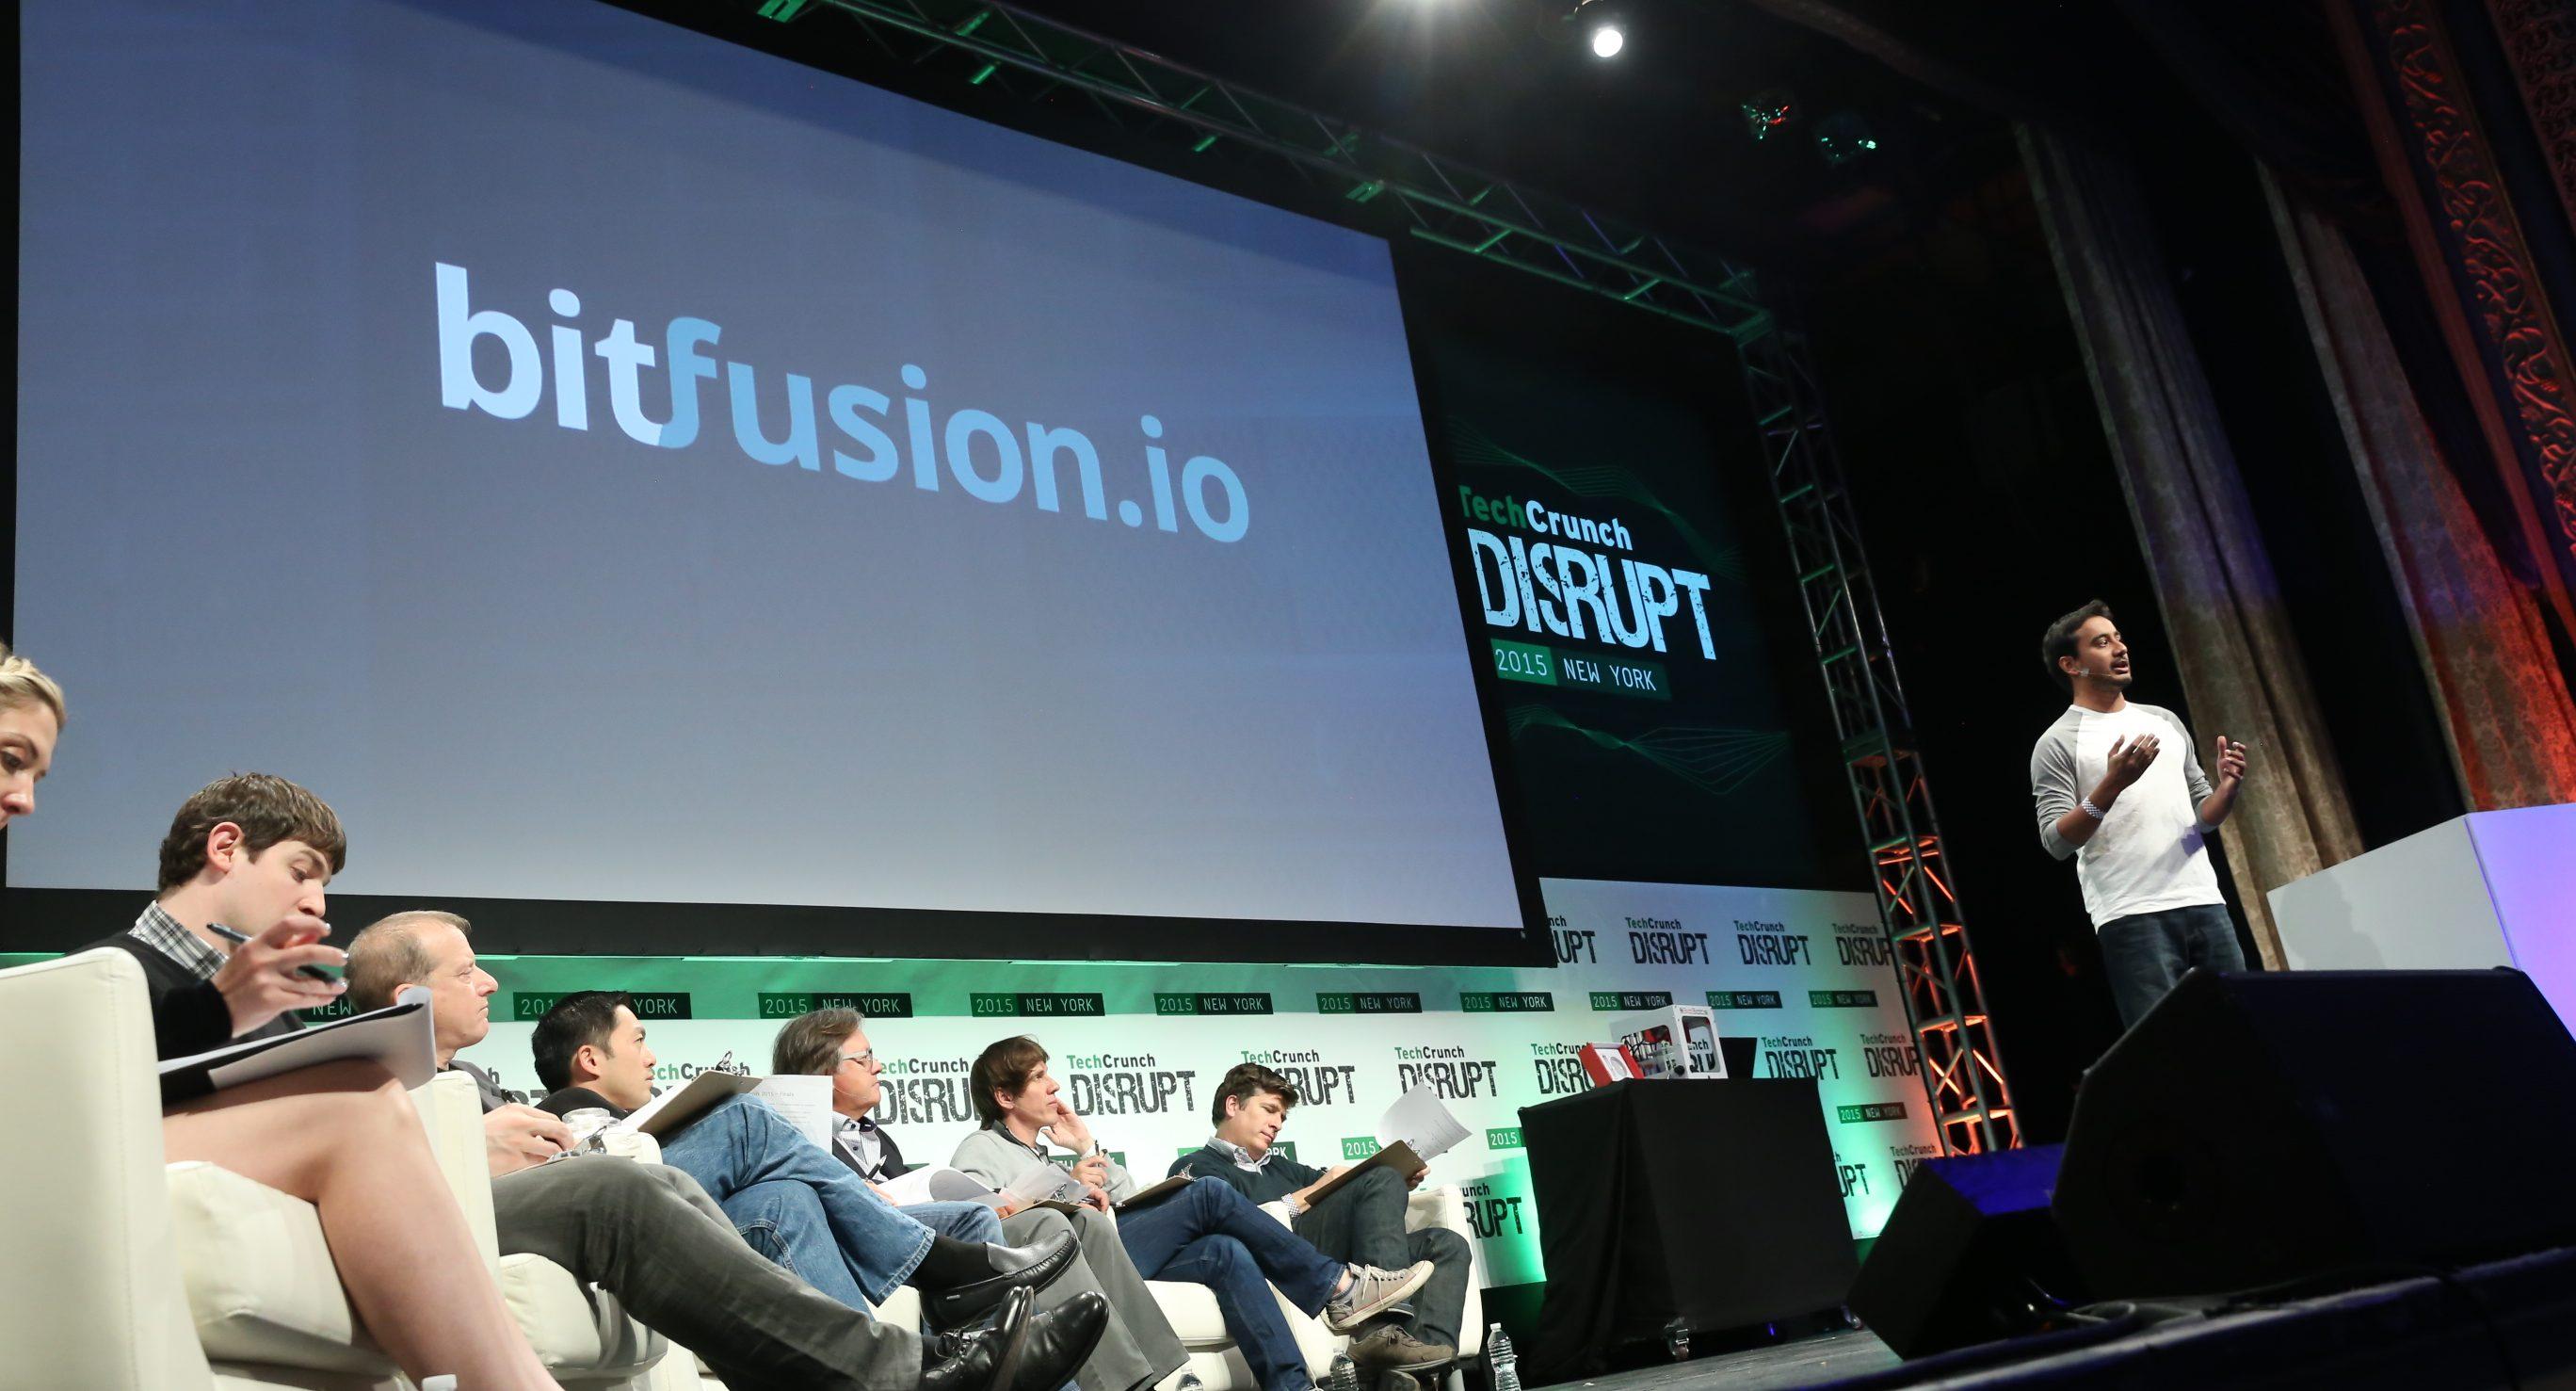 VMWare mua lại Bitfusion để mang các GPU ảo hóa vào vSphere